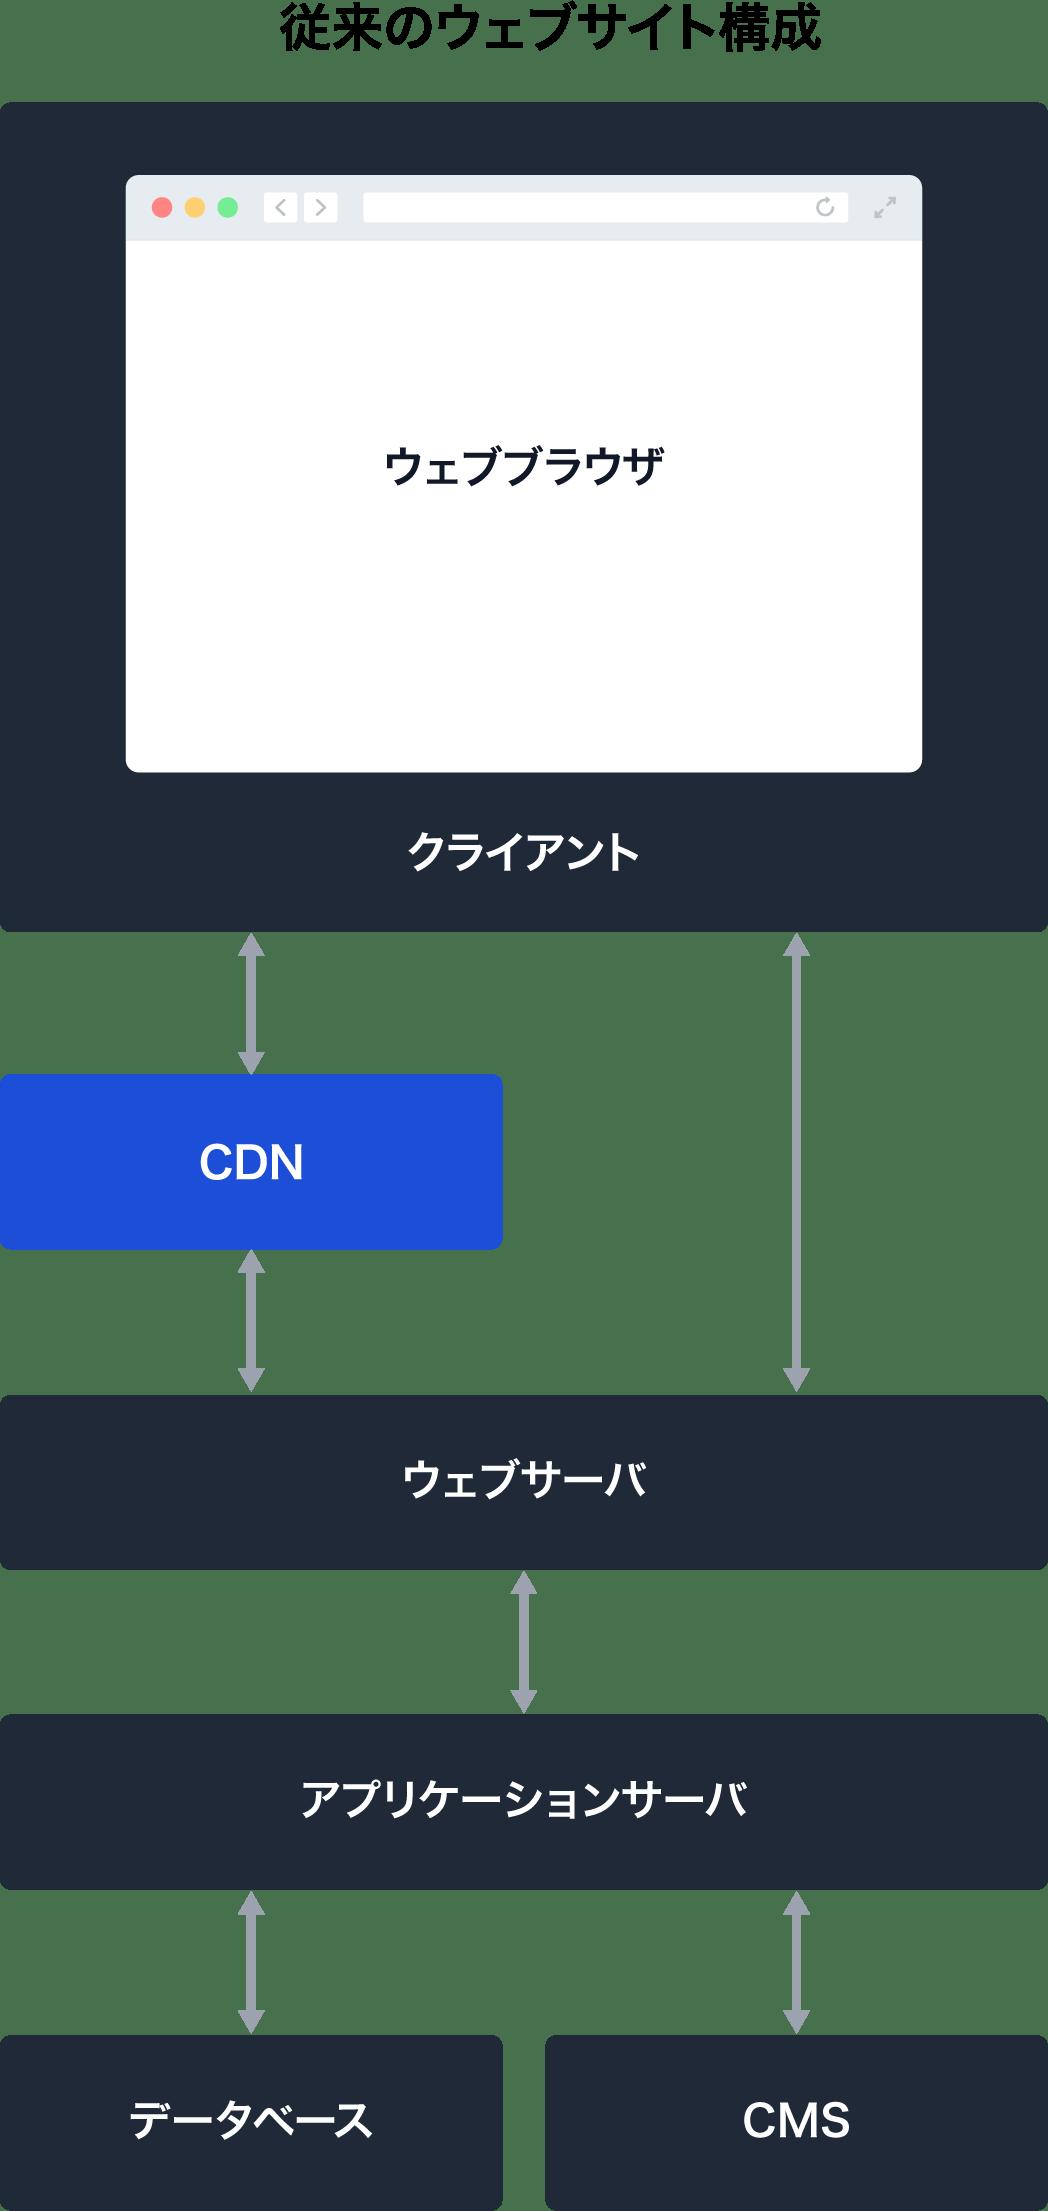 イメージ図:従来型ウェブサイトの例